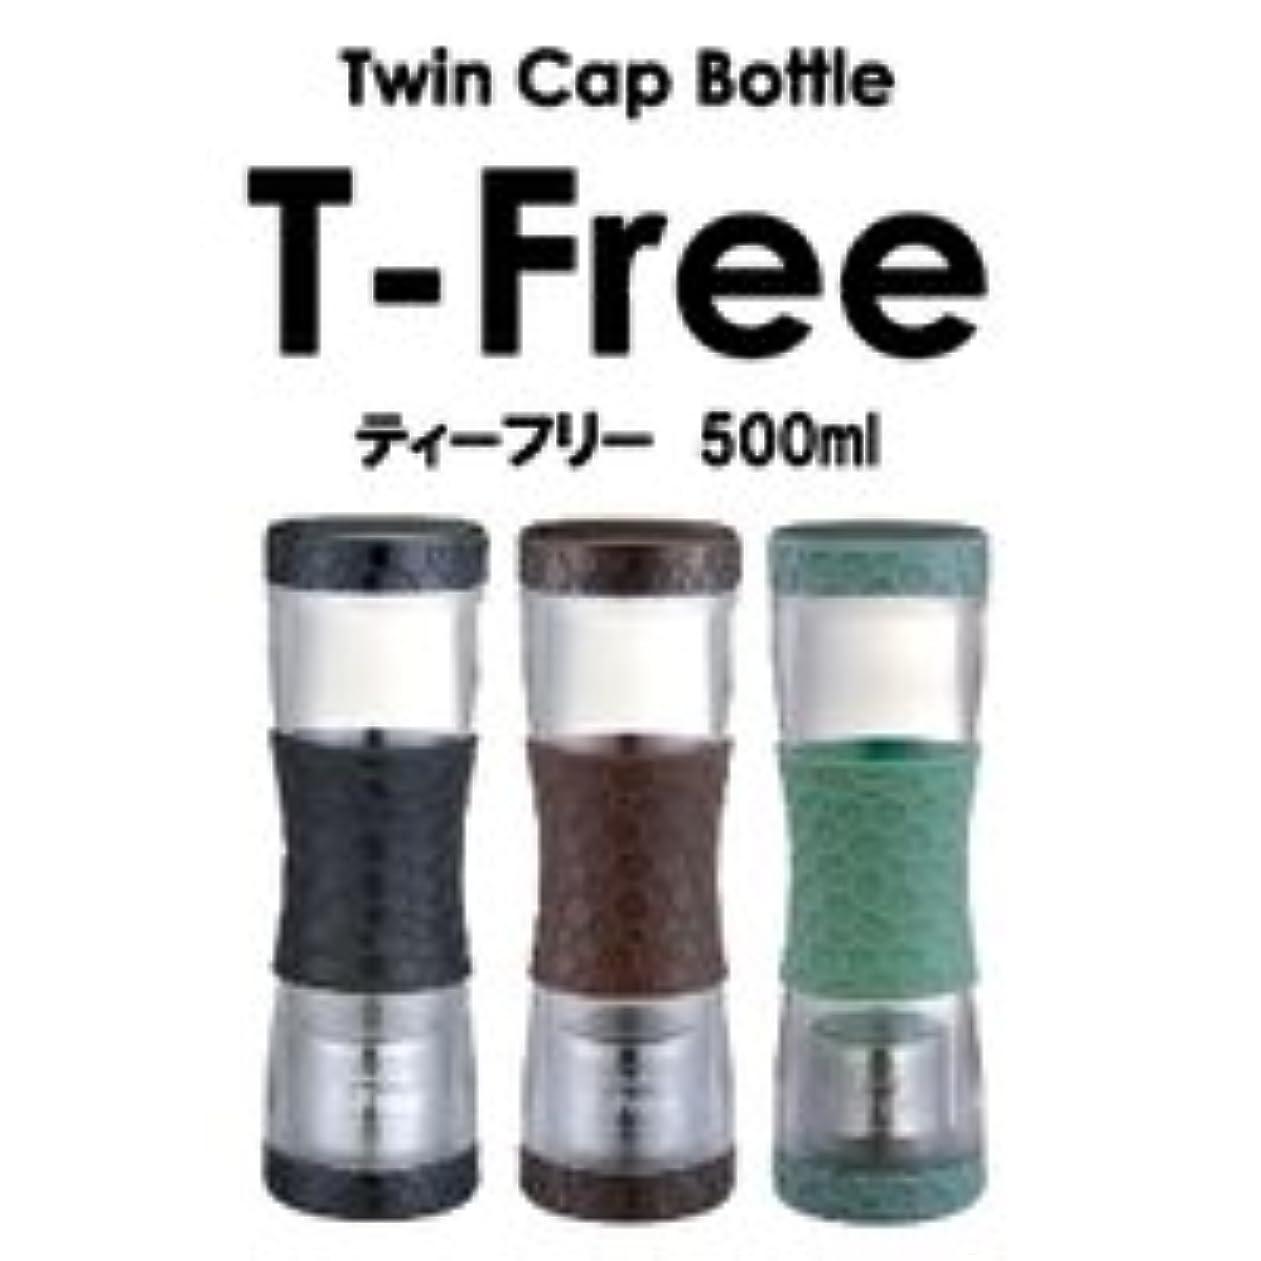 干渉聖なる影のあるティーフリー500ml T-Free (カラー:グリーン) ※使い方自由なツインキャップボトル